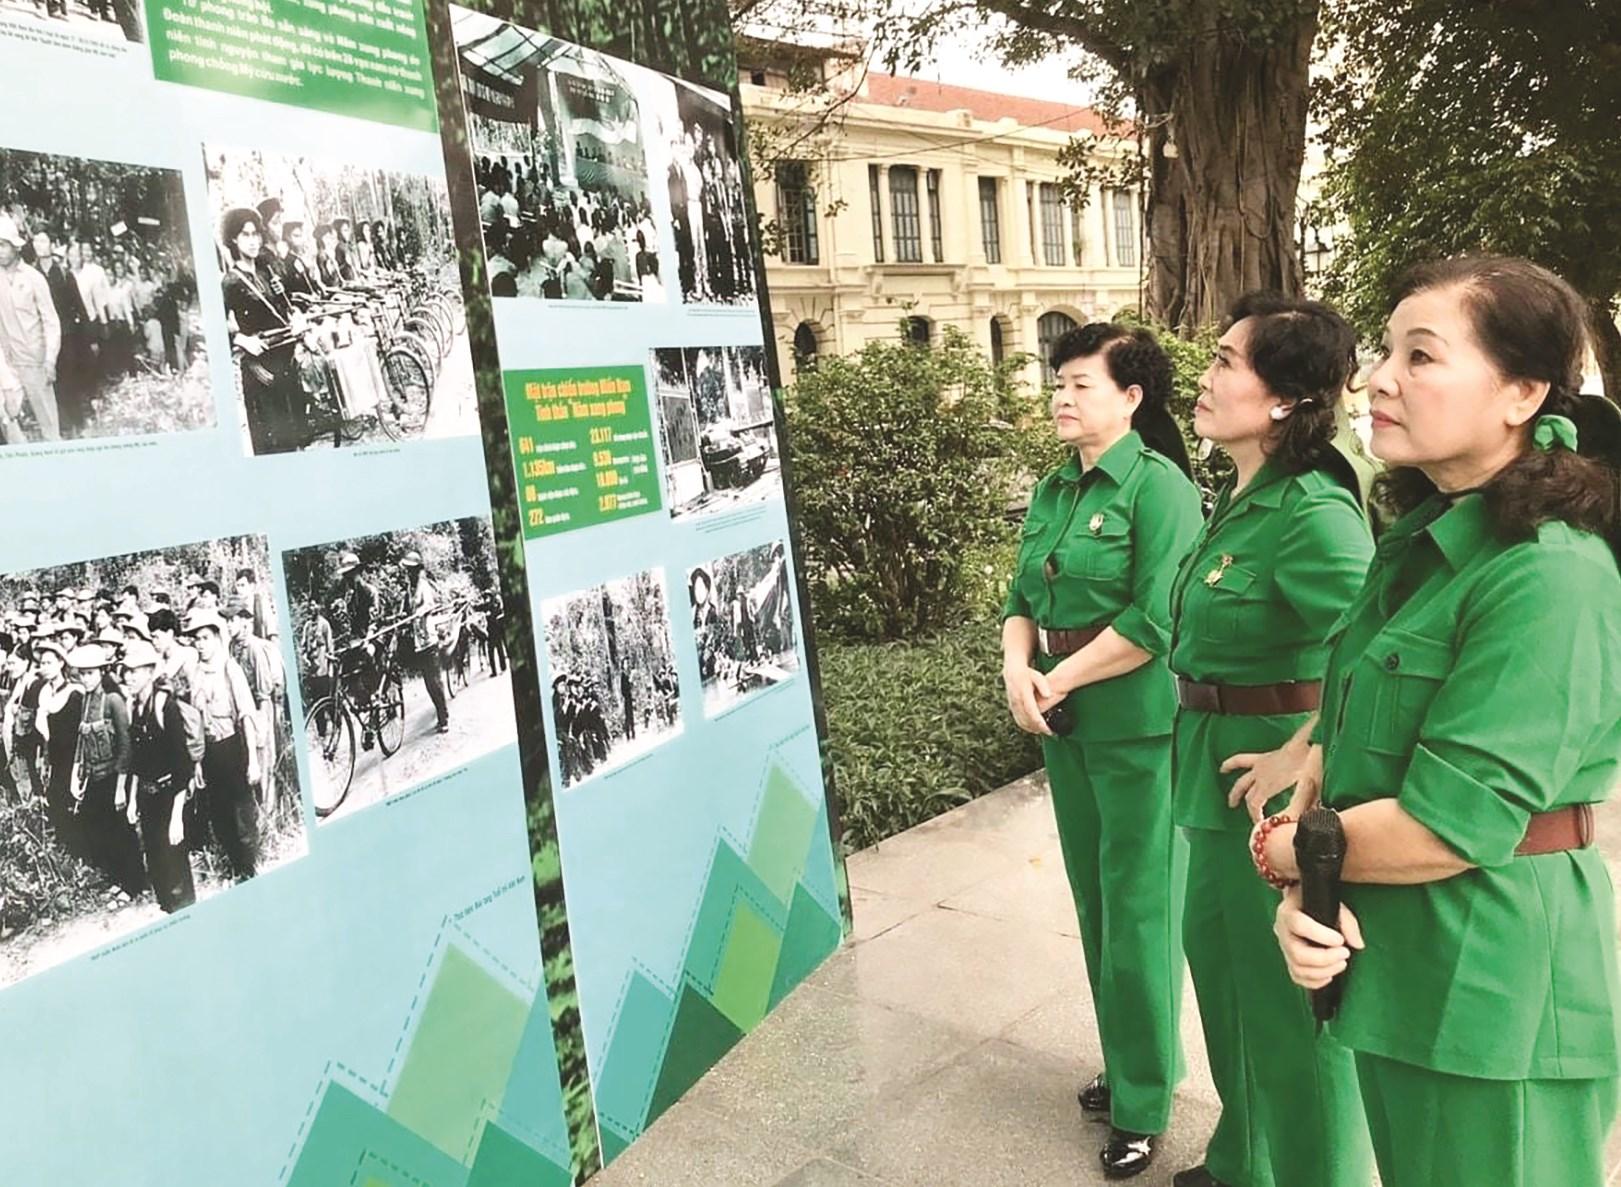 """Cựu TNXP bồi hồi xem lại những hình ảnh chiến trường năm xưa. (Ảnh chụp tại Triển lãm """"70 năm-sáng mãi tinh thần TNXP Việt Nam"""" tại Hà Nội, tháng 7/2020). Ảnh: Tư liệu"""